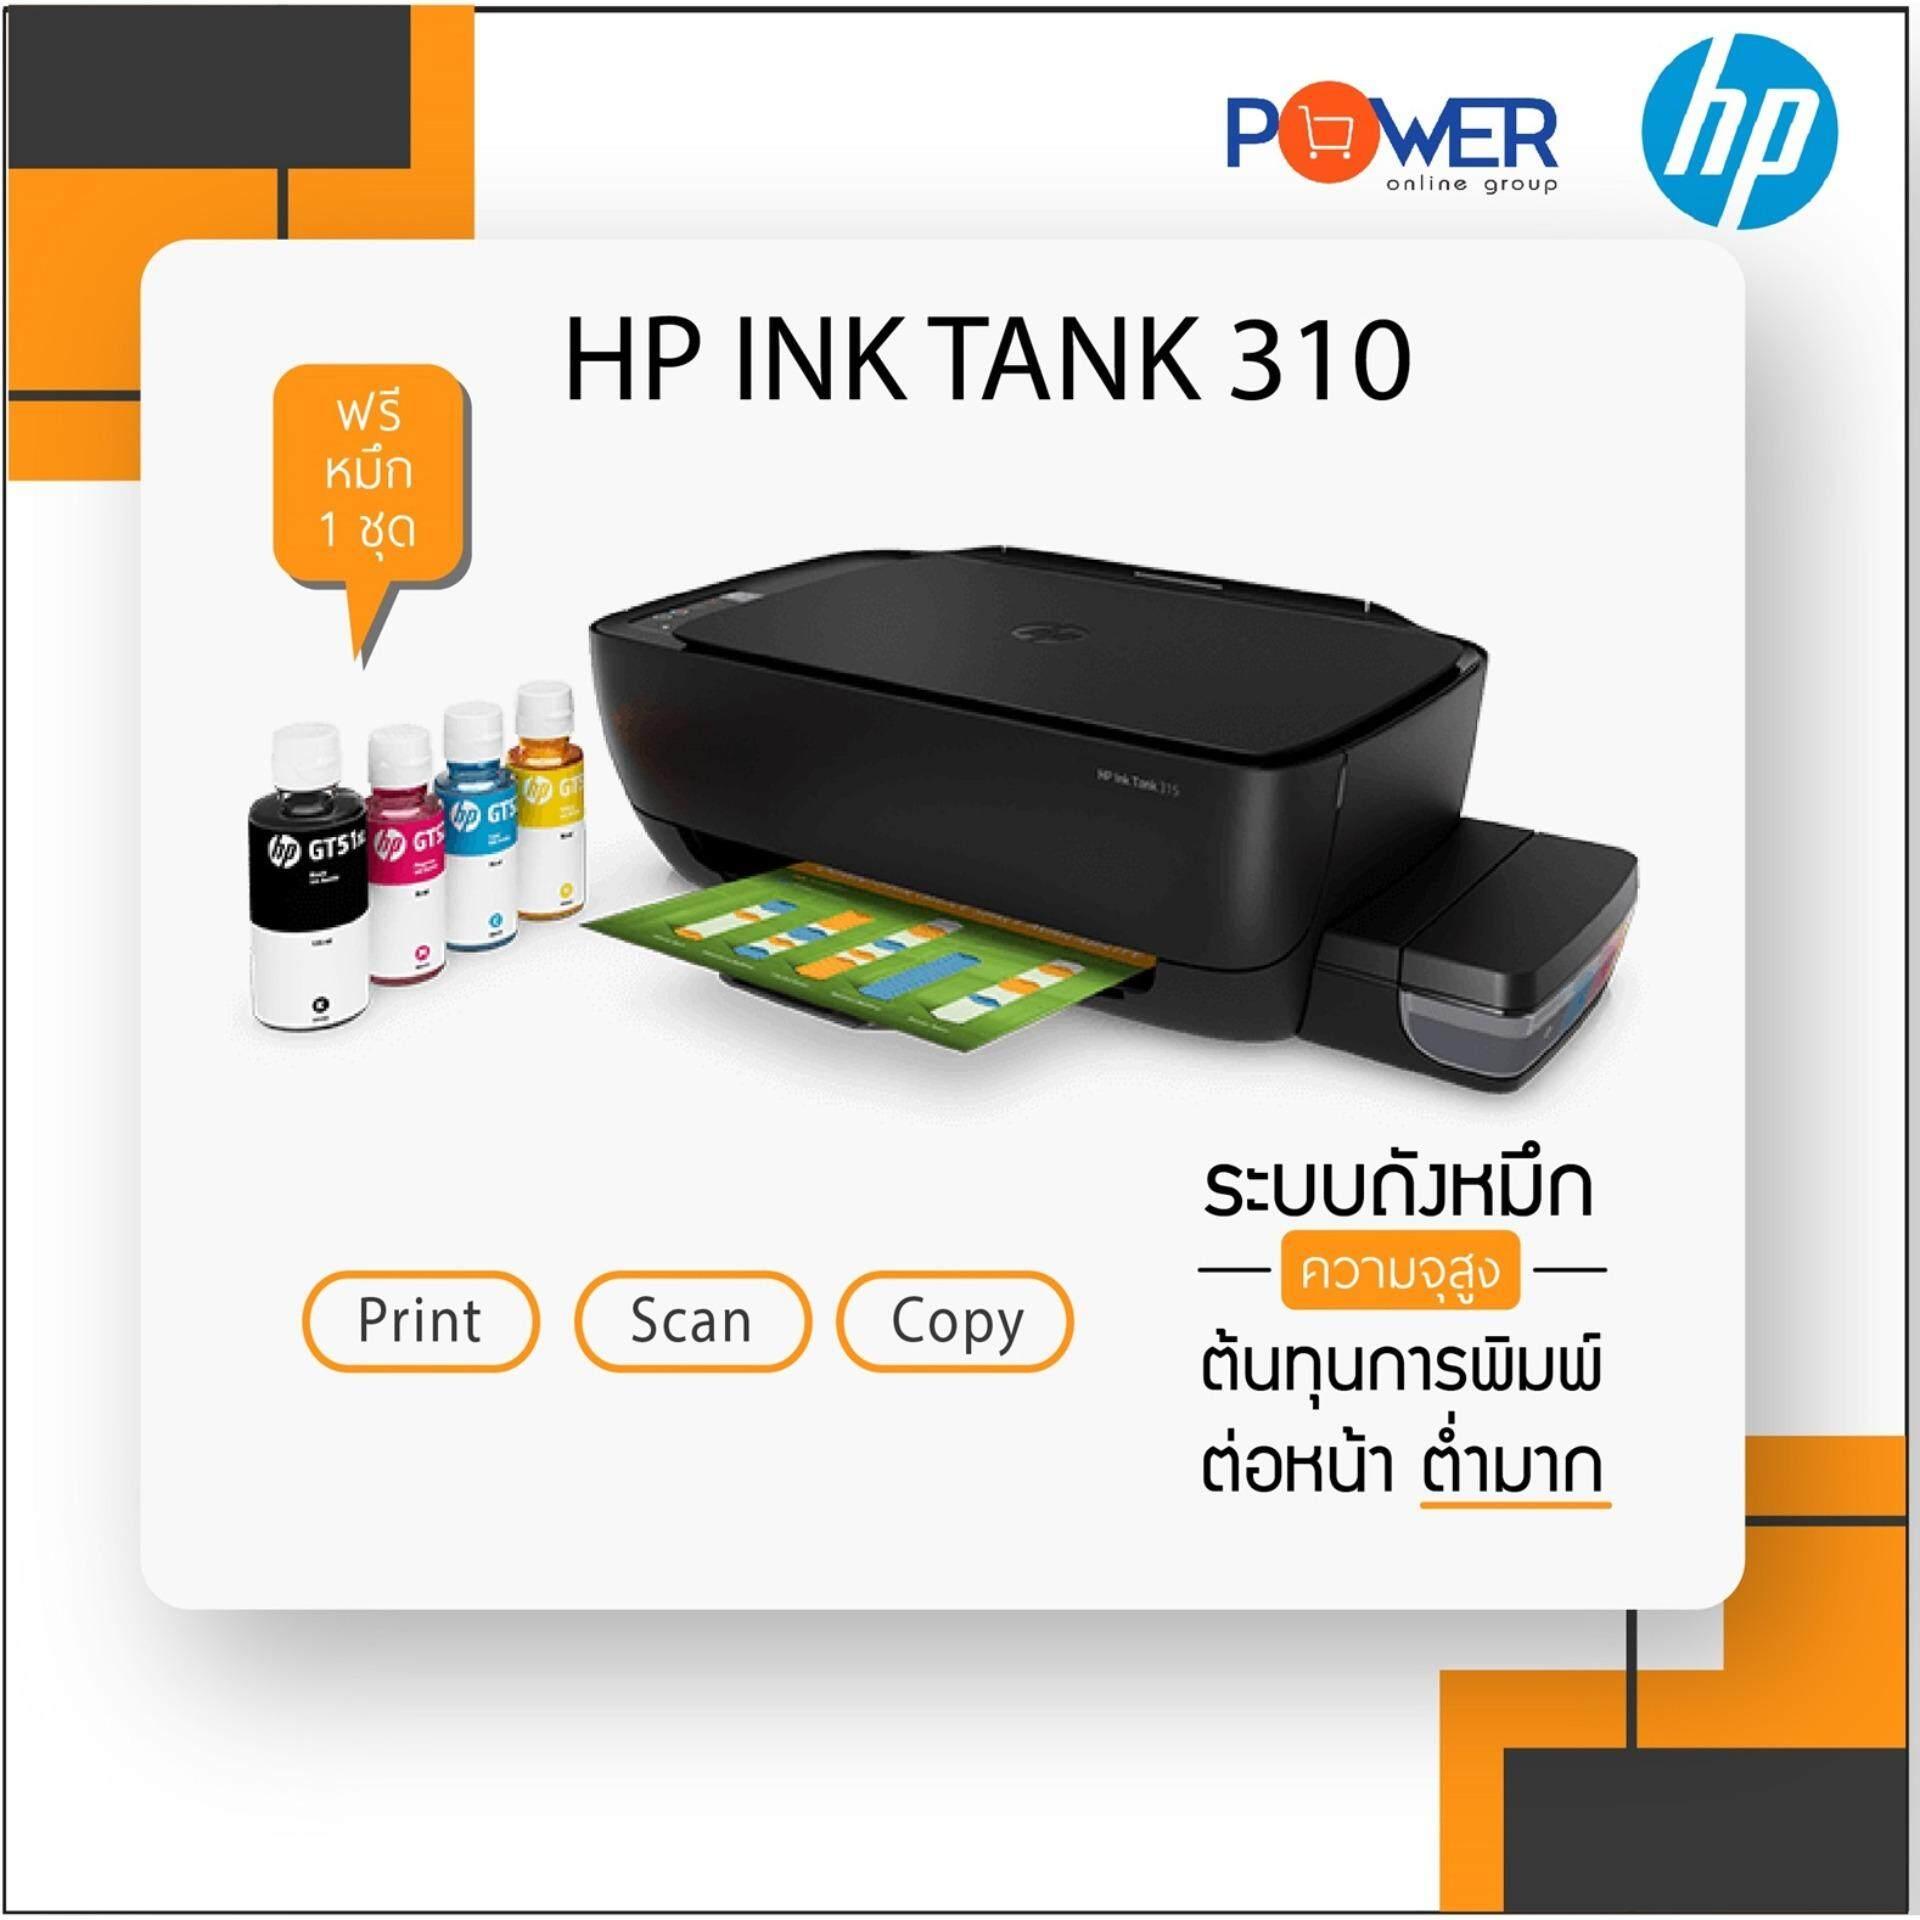 เครื่องพิมพ์เอชพีระบบแทงค์ Hp Ink Tank 310 (z6z11a) รับประกัน 1 ปี On-Site (พร้อมหมึกแท้ 1ชุด) By Power Online Group.